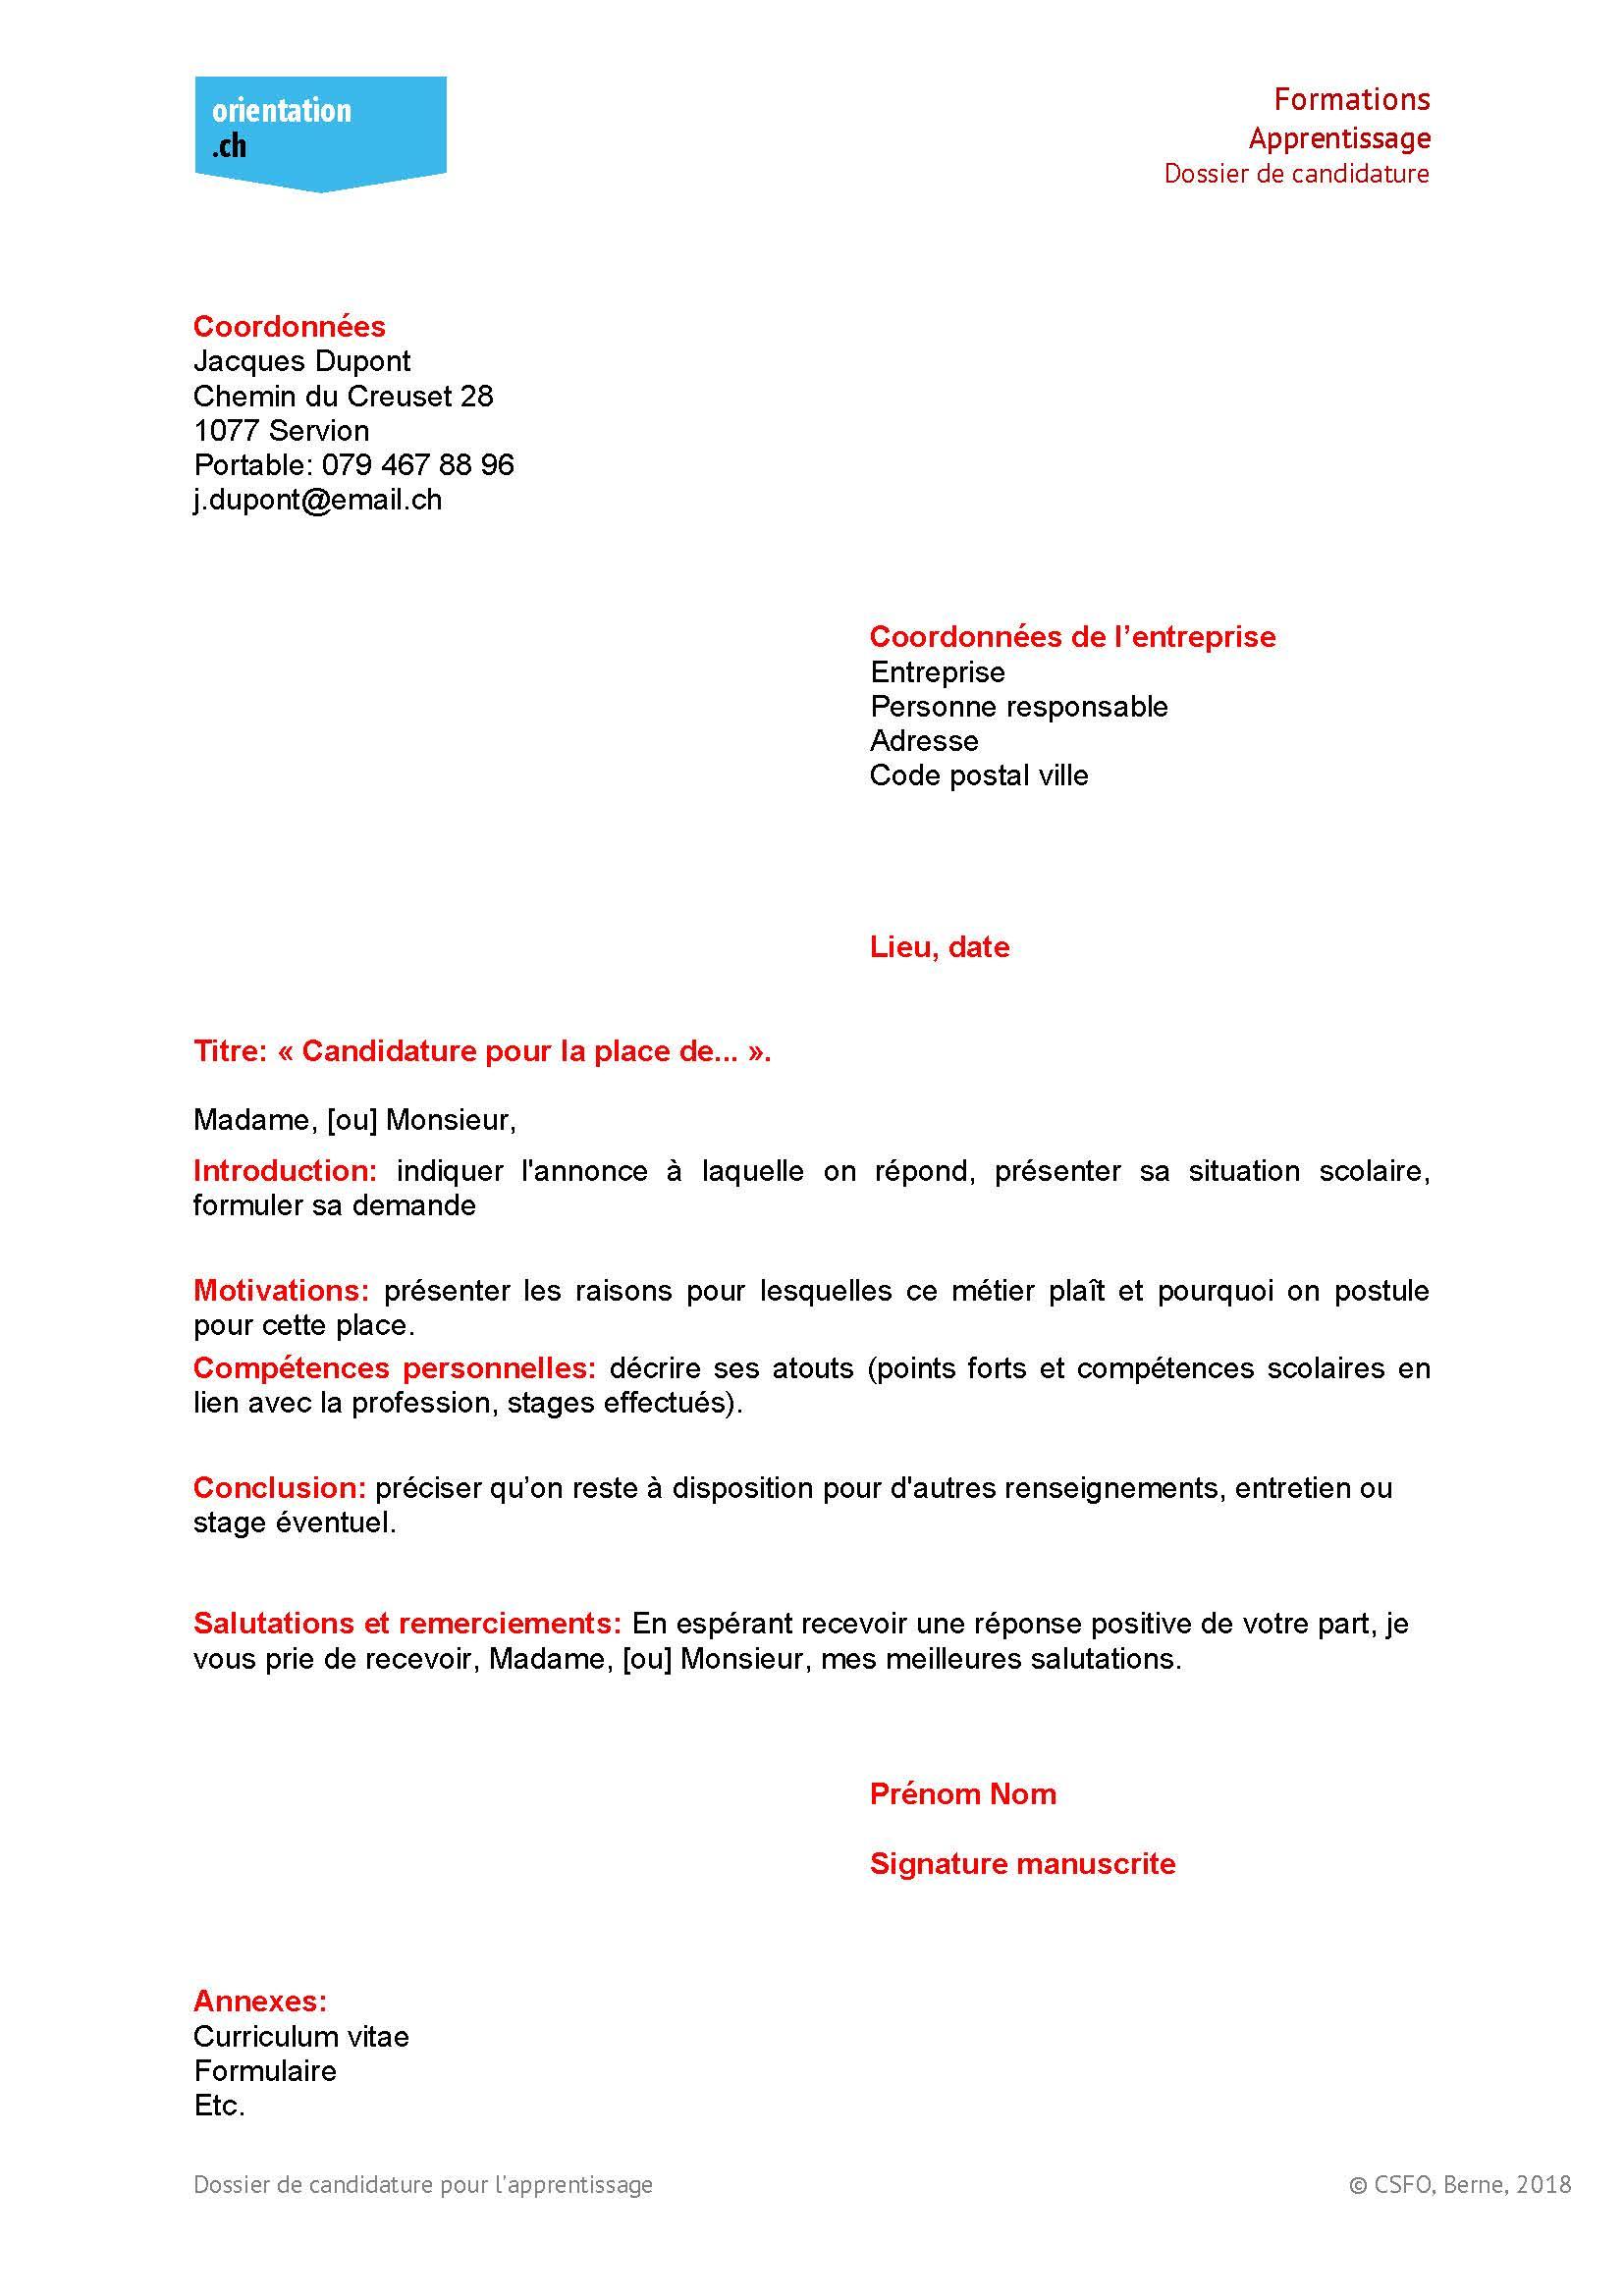 Dossier De Candidature Pour L Apprentissage Test Orientation Ch